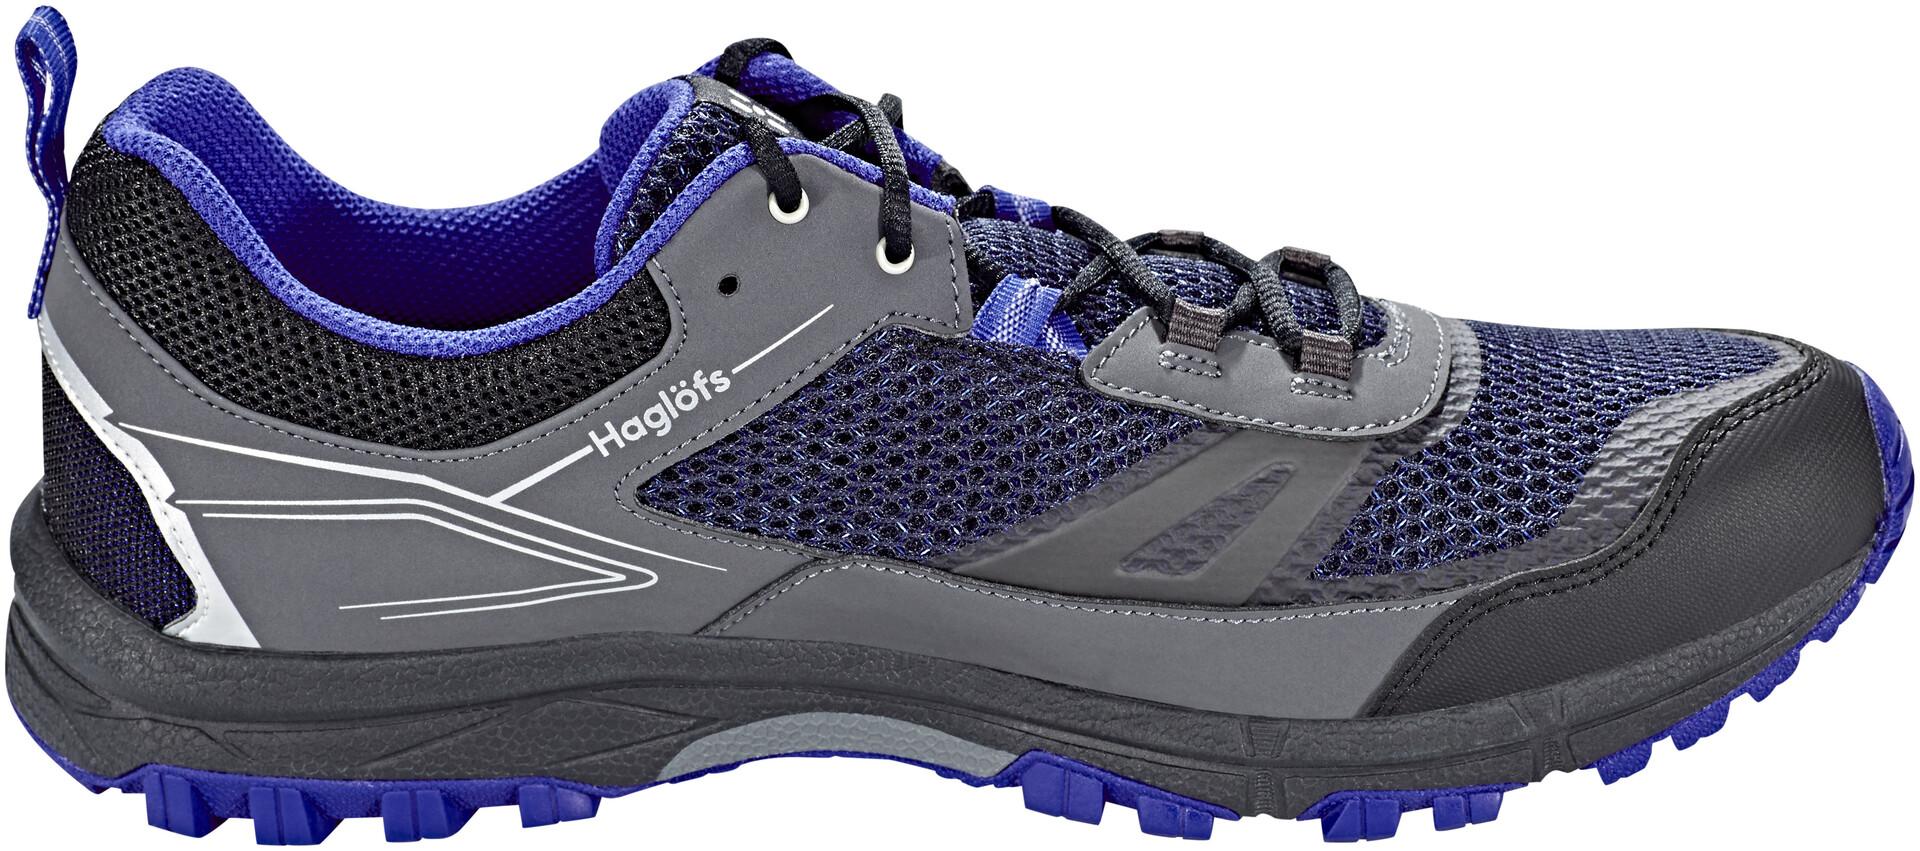 Haglöfs Gram Trail Sko Herrer, magnetitecobalt blue